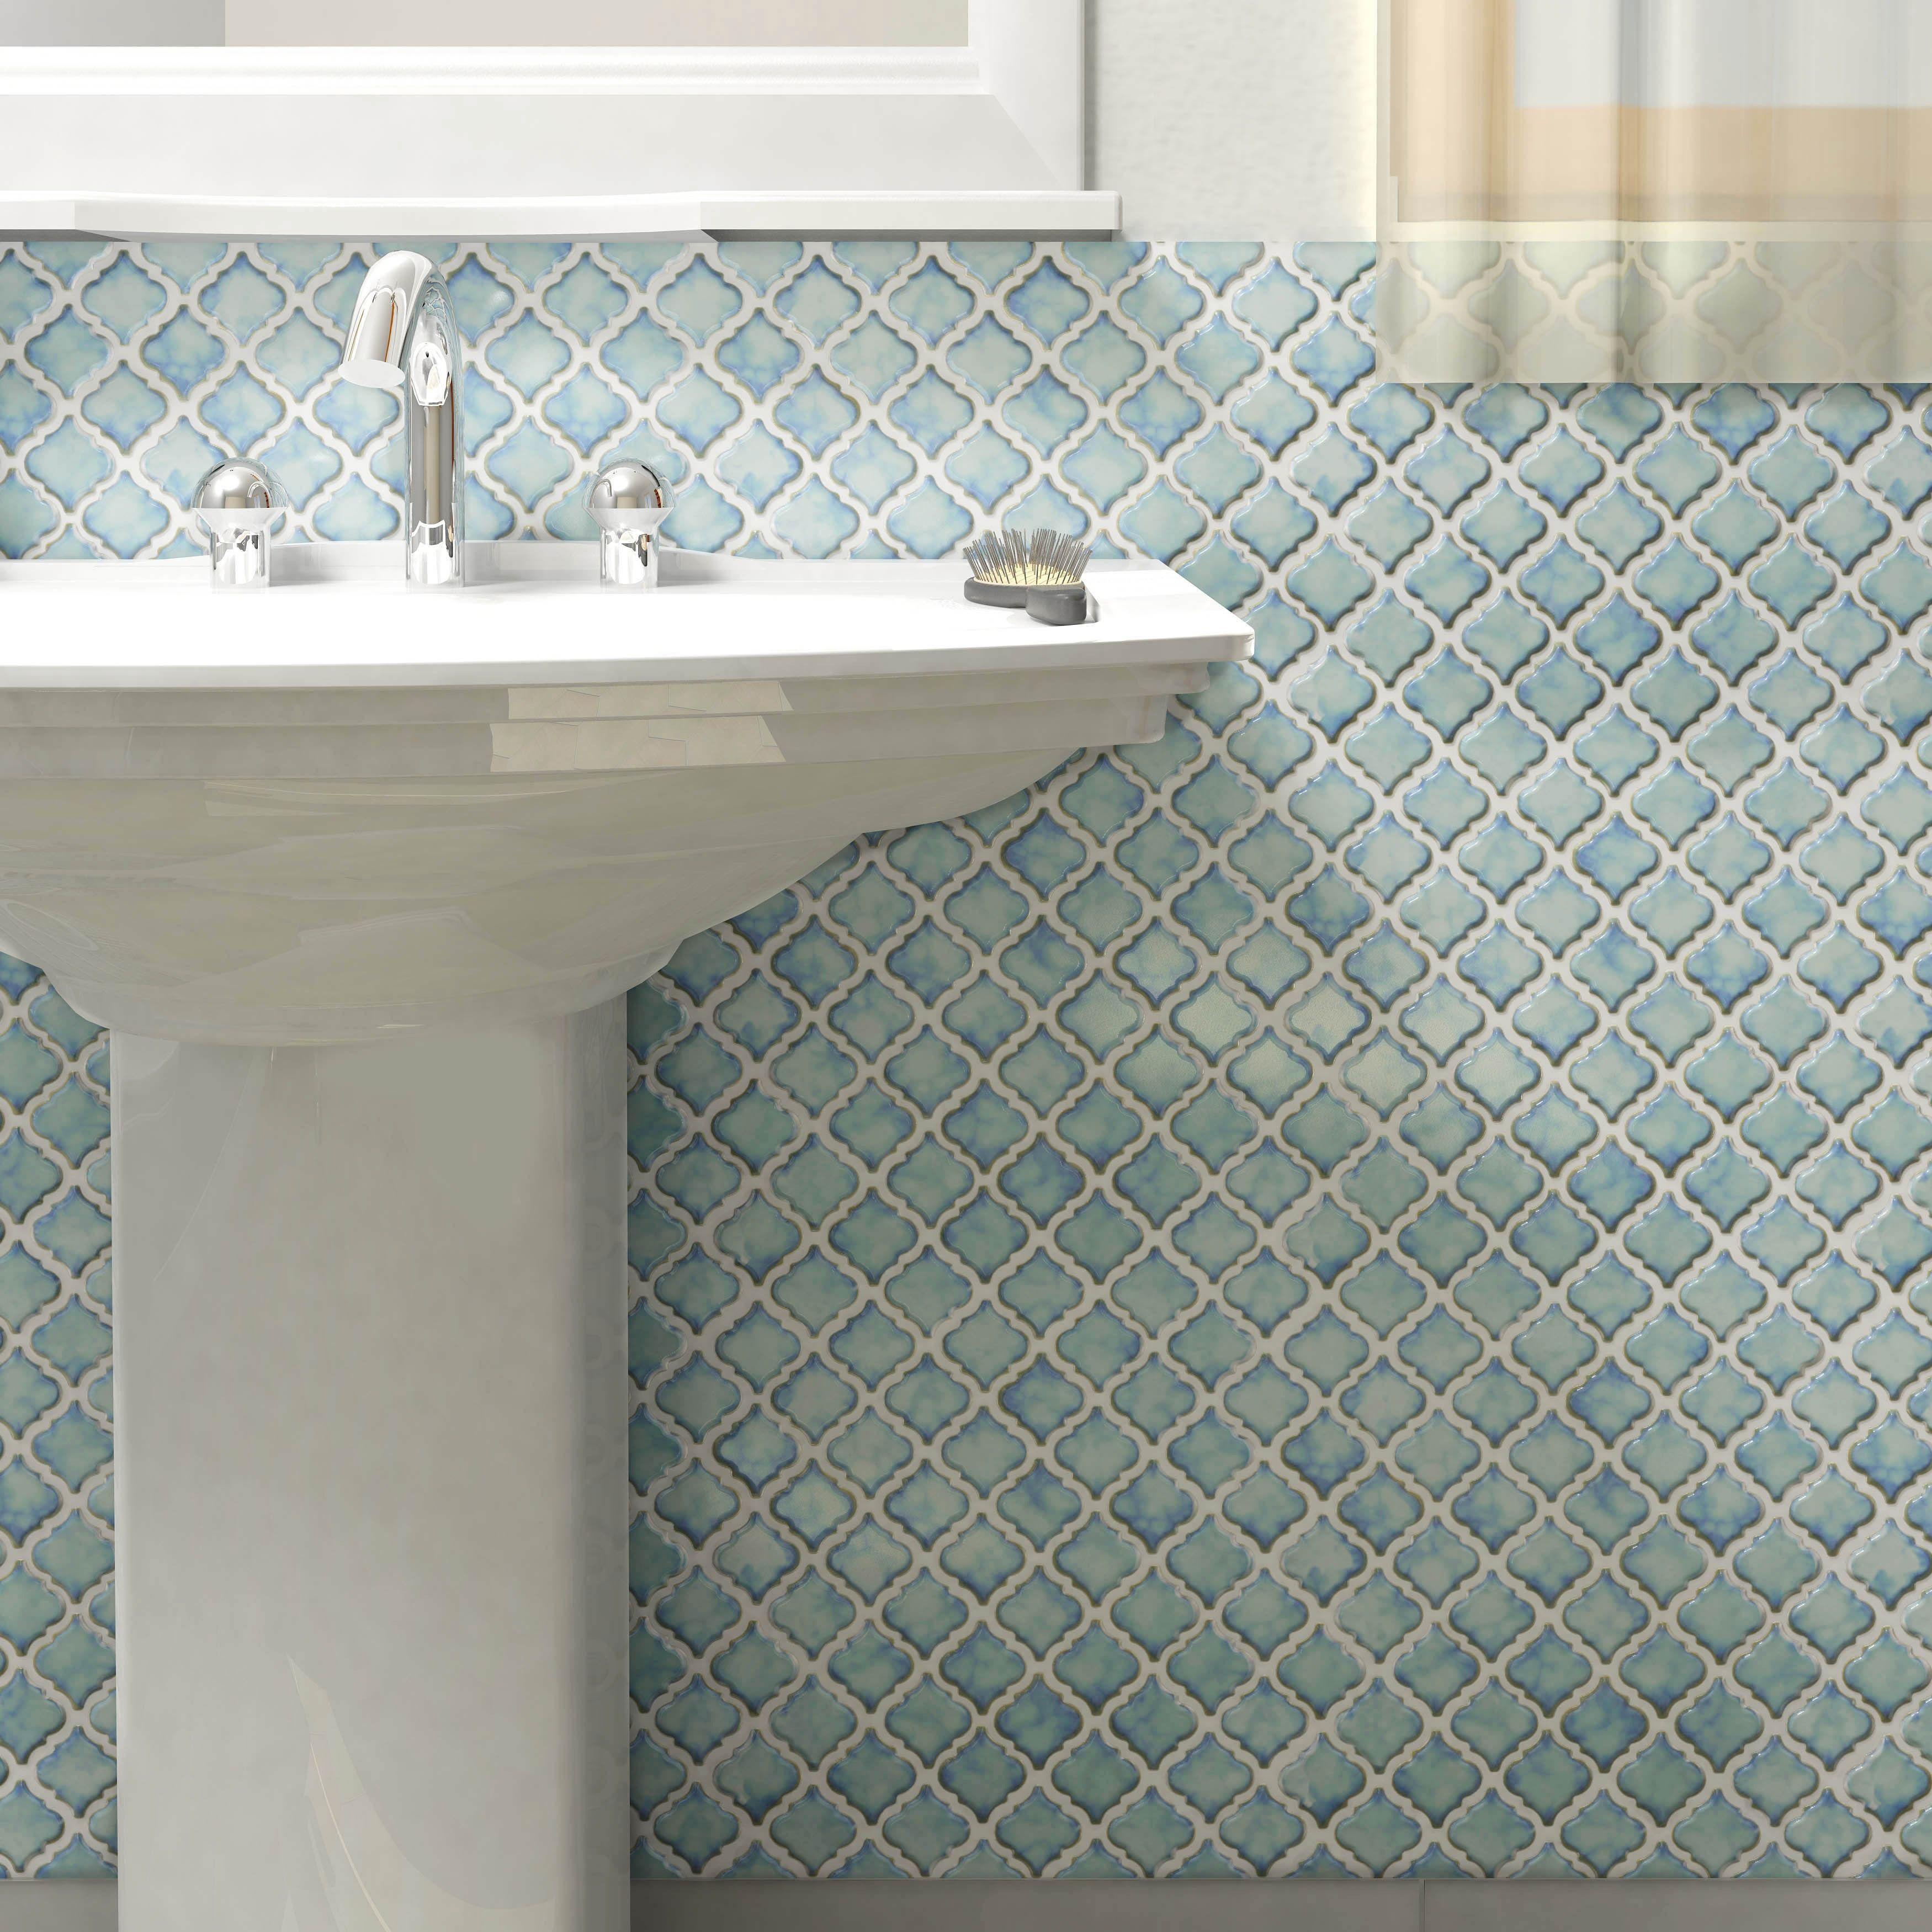 Somertile 12375x125 inch antaeus marine porcelain mosaic floor somertile 12375x125 inch antaeus marine porcelain mosaic floor and wall tile case of 10 by somertile dailygadgetfo Images